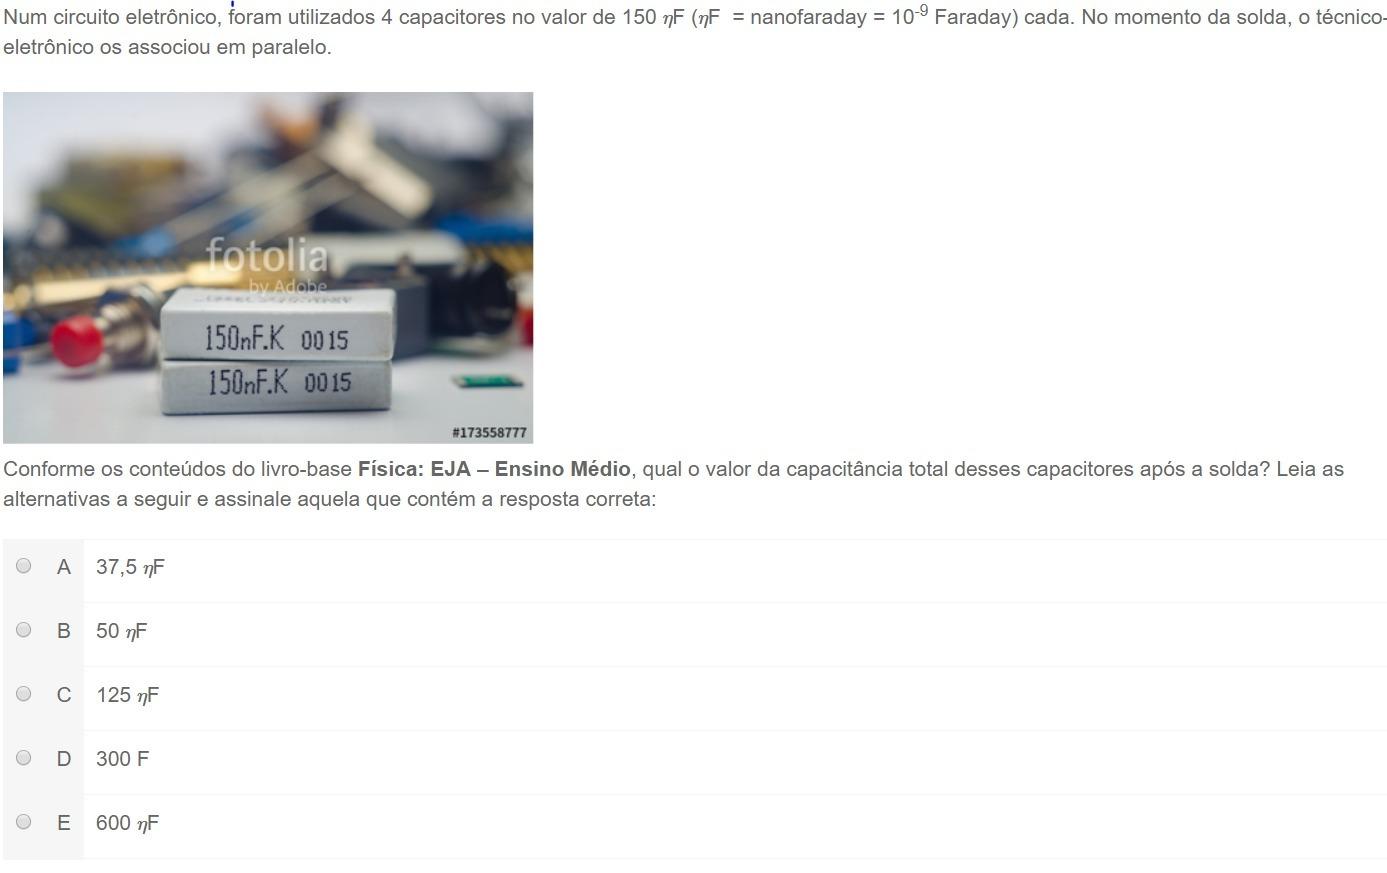 Circuito Eletronico : Num circuito eletrônico foram utilizados capacitores